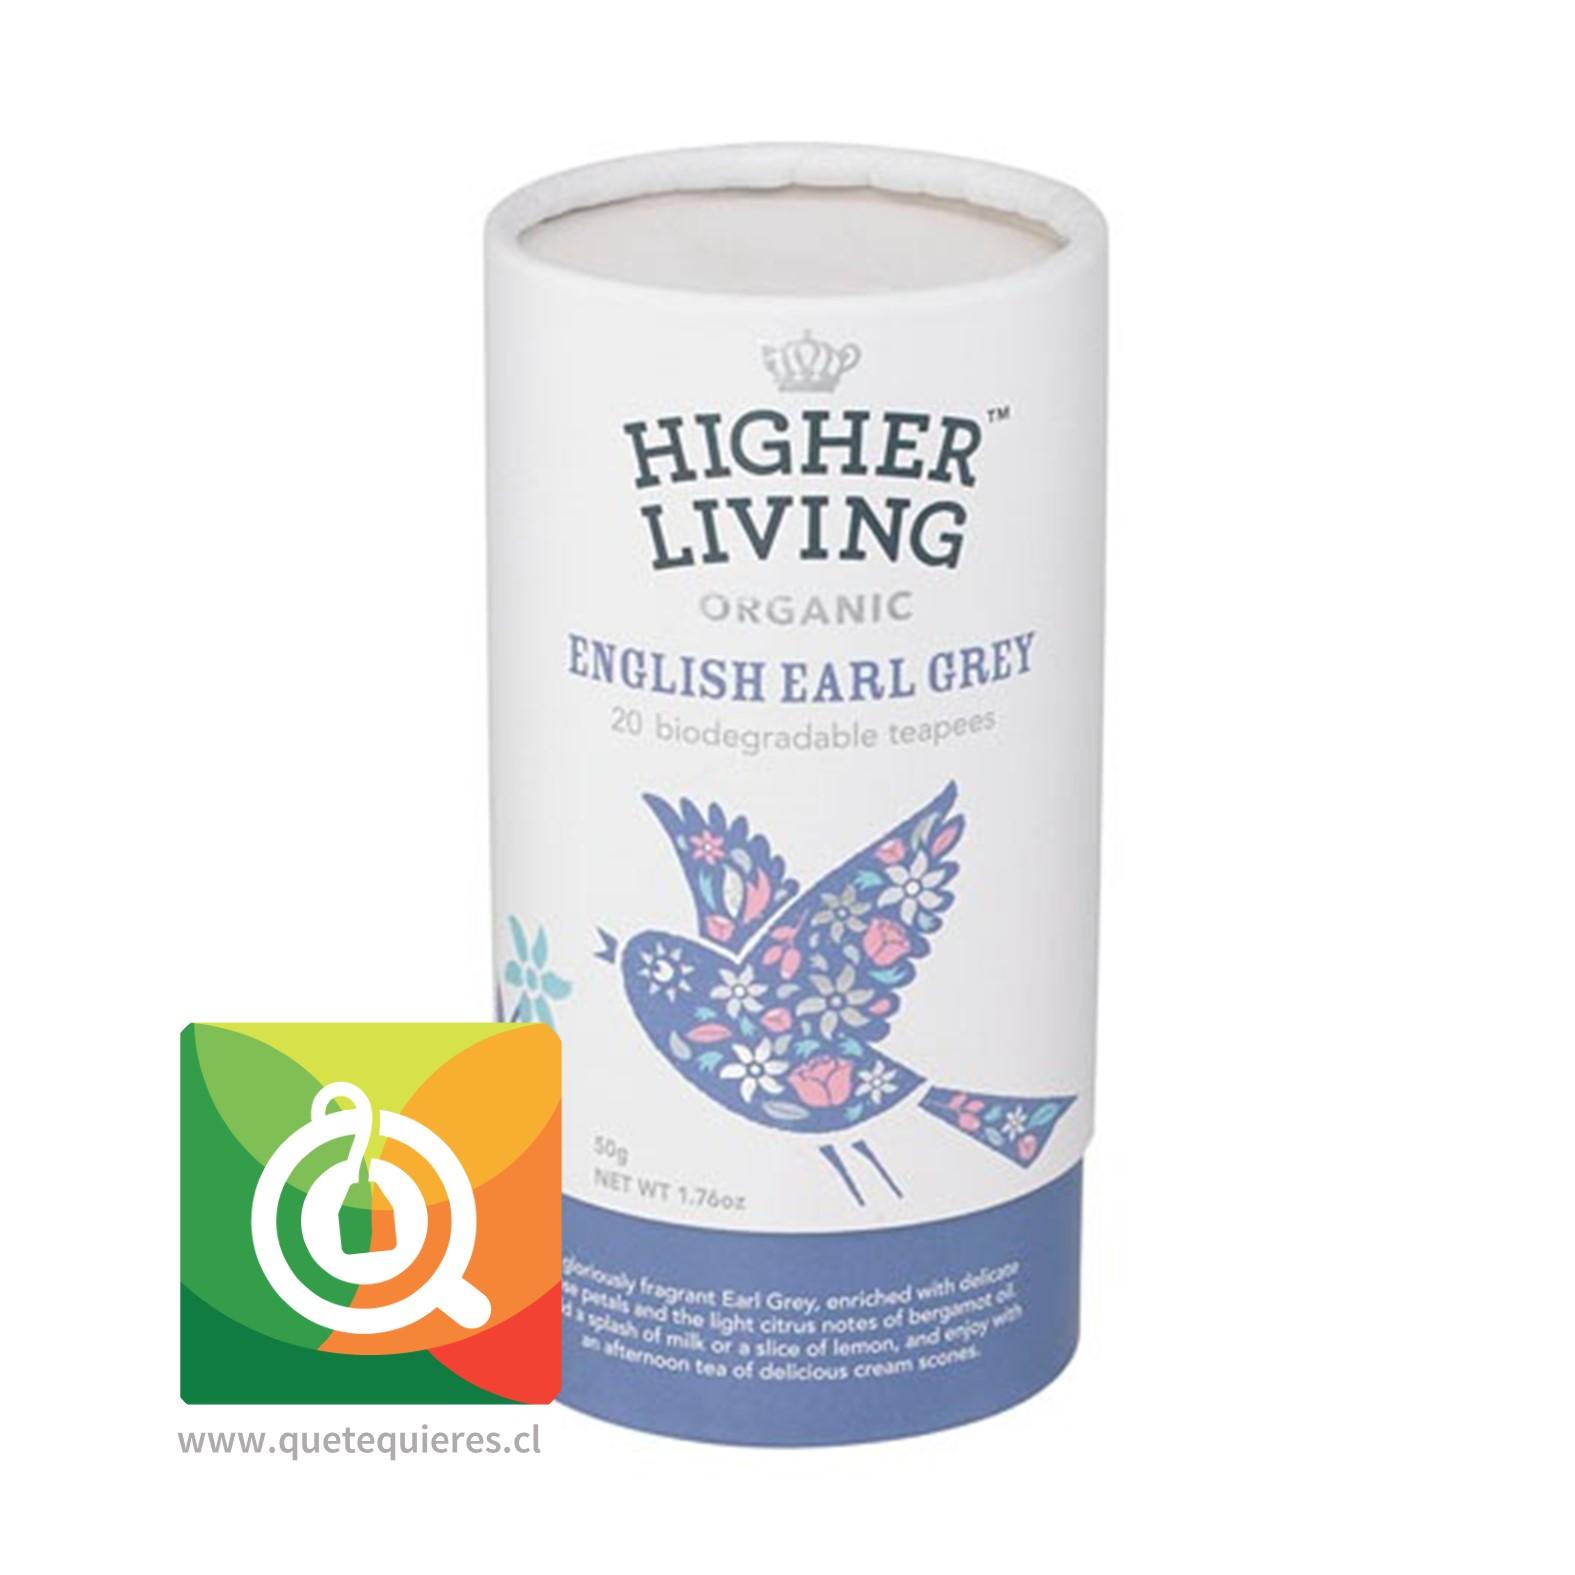 Higher Living Té Negro English Earl Grey